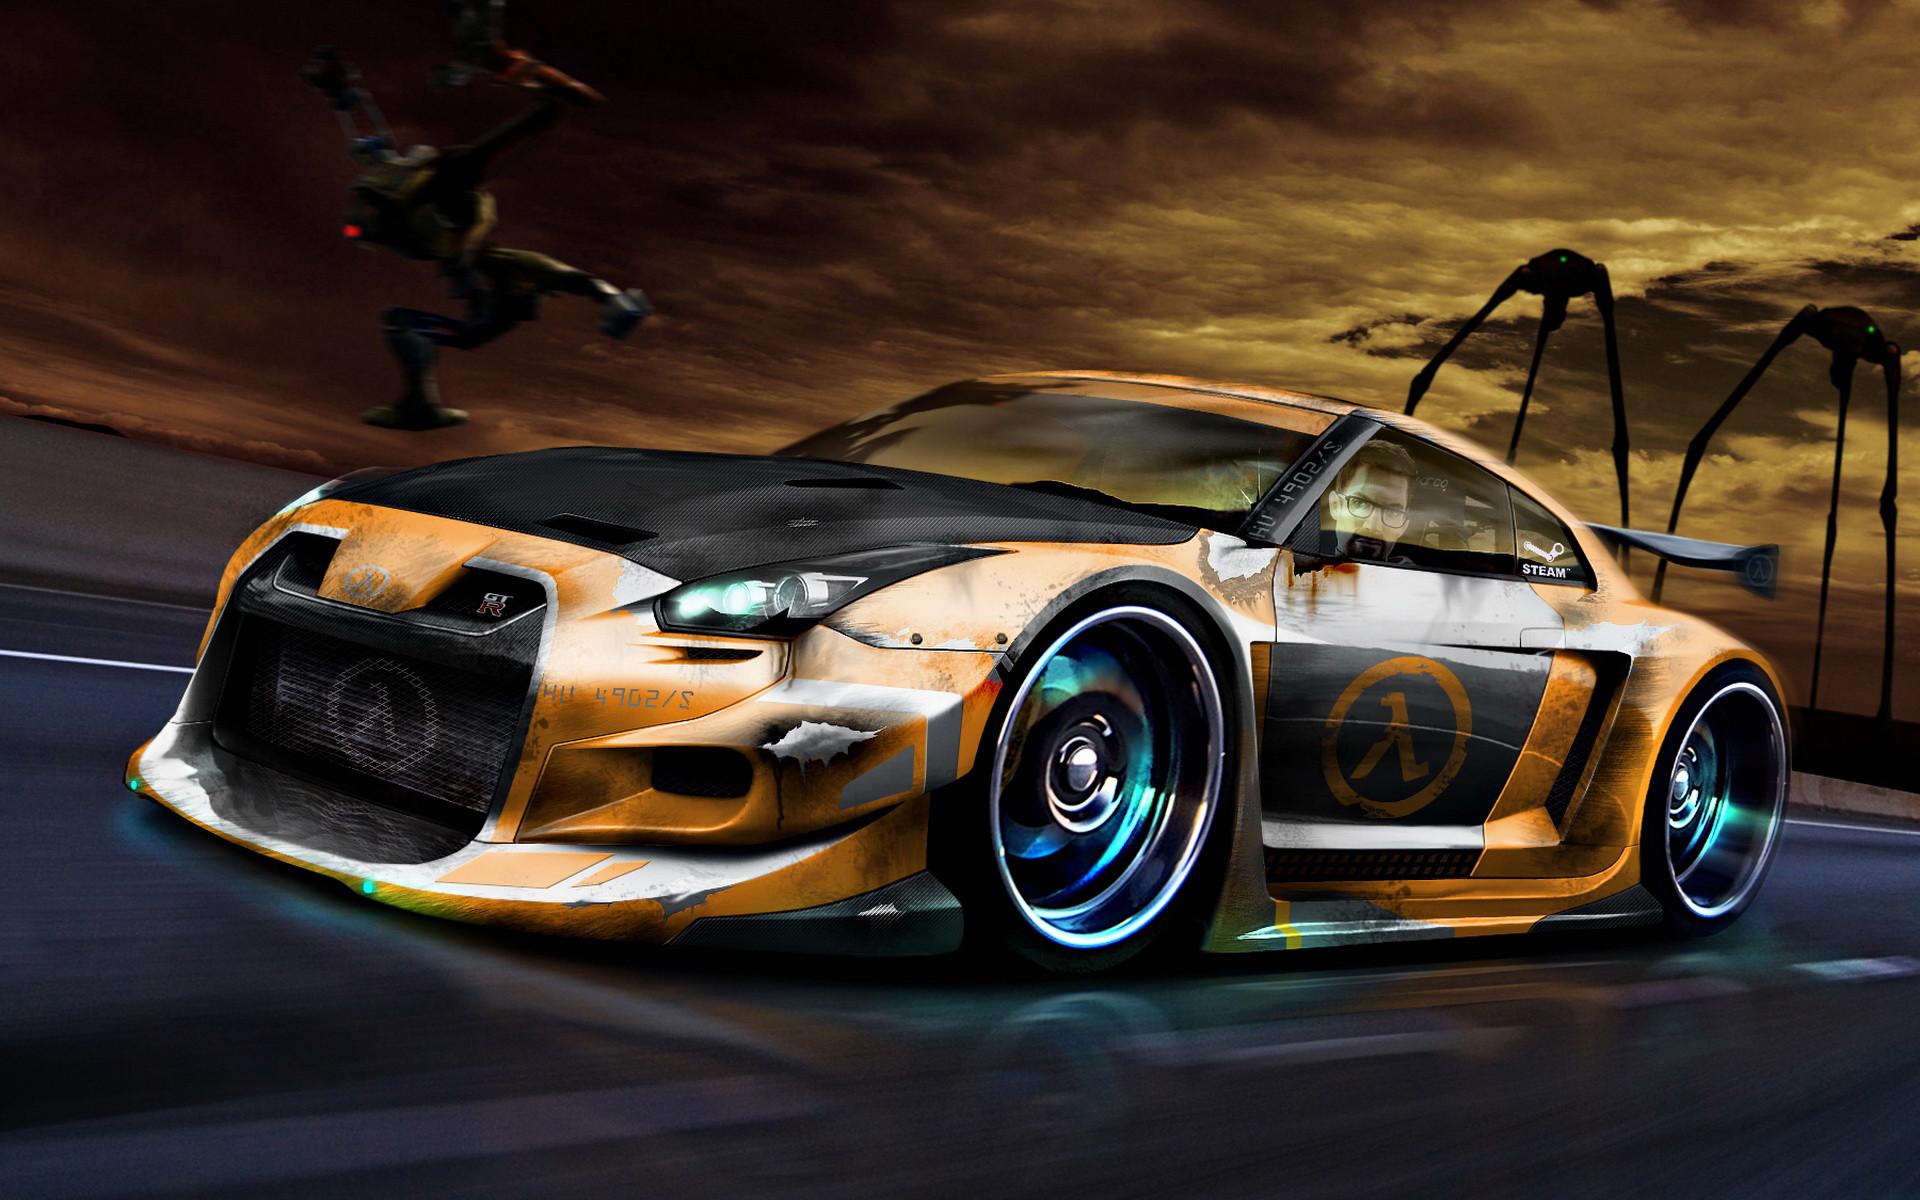 Racing Cars Wallpaper 71 Images